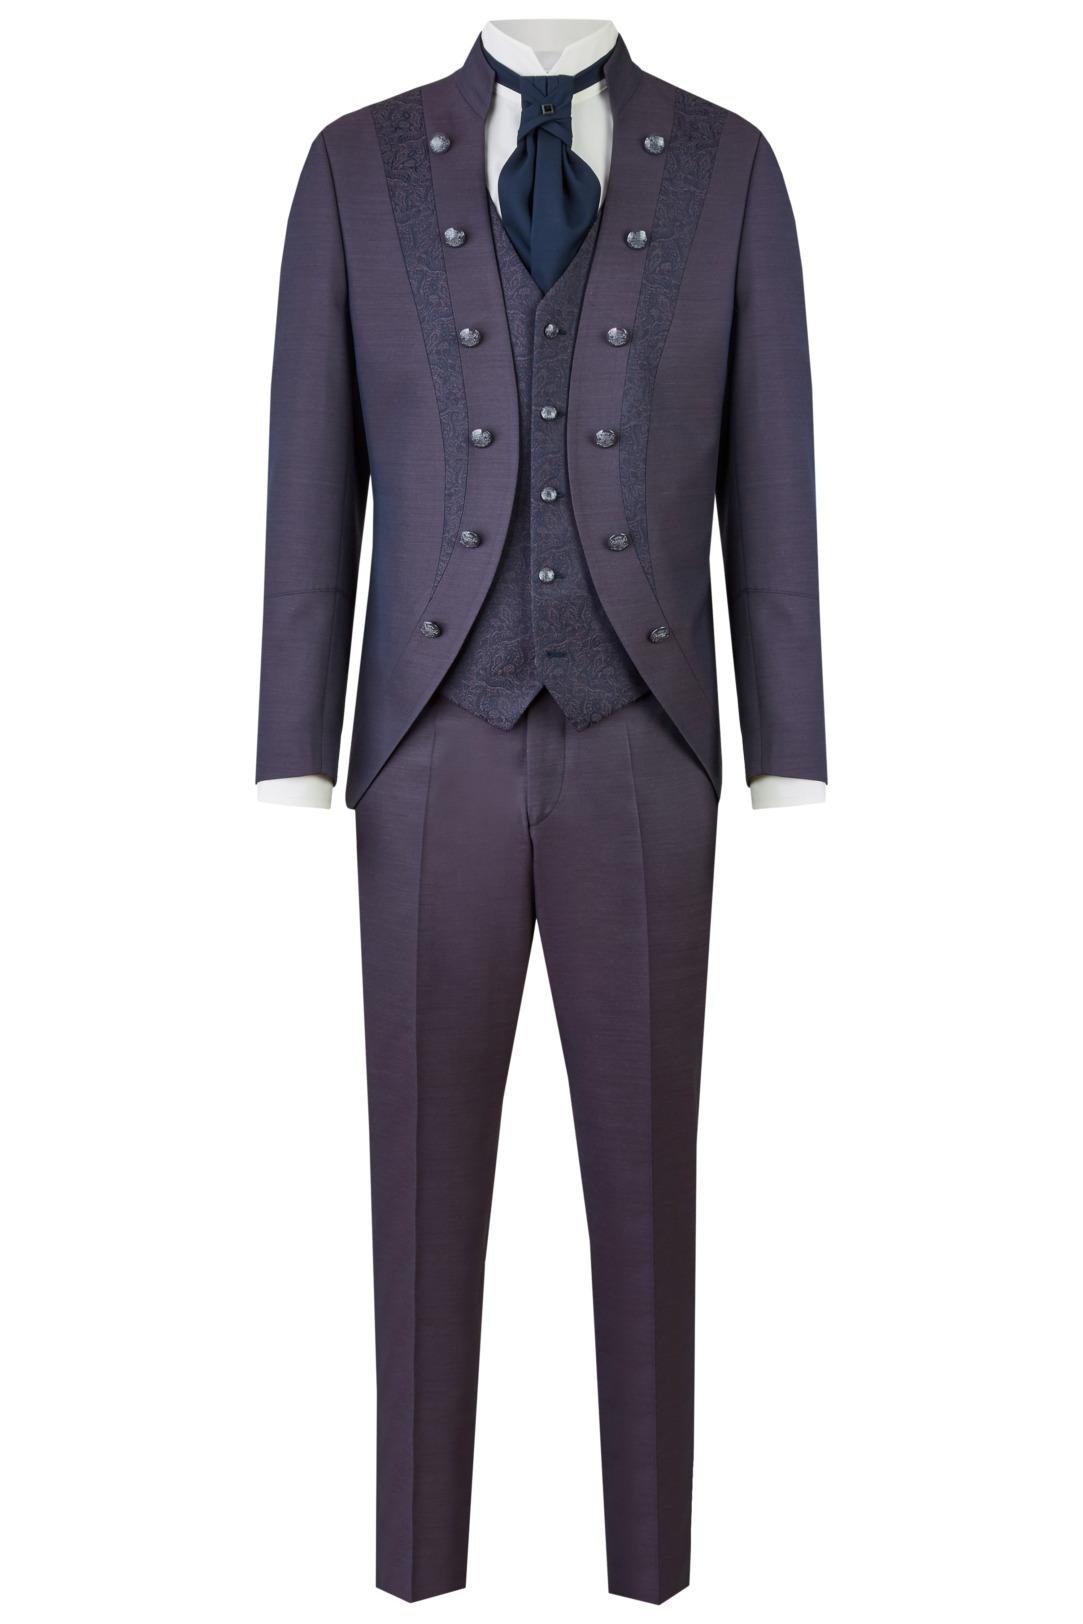 Wilvorst Tziacco Hochzeitsanzug Männer Mode Bräutigam extravagant rot blau mit Ziereinsätzen wil_0121_otf_tz-look-2_1